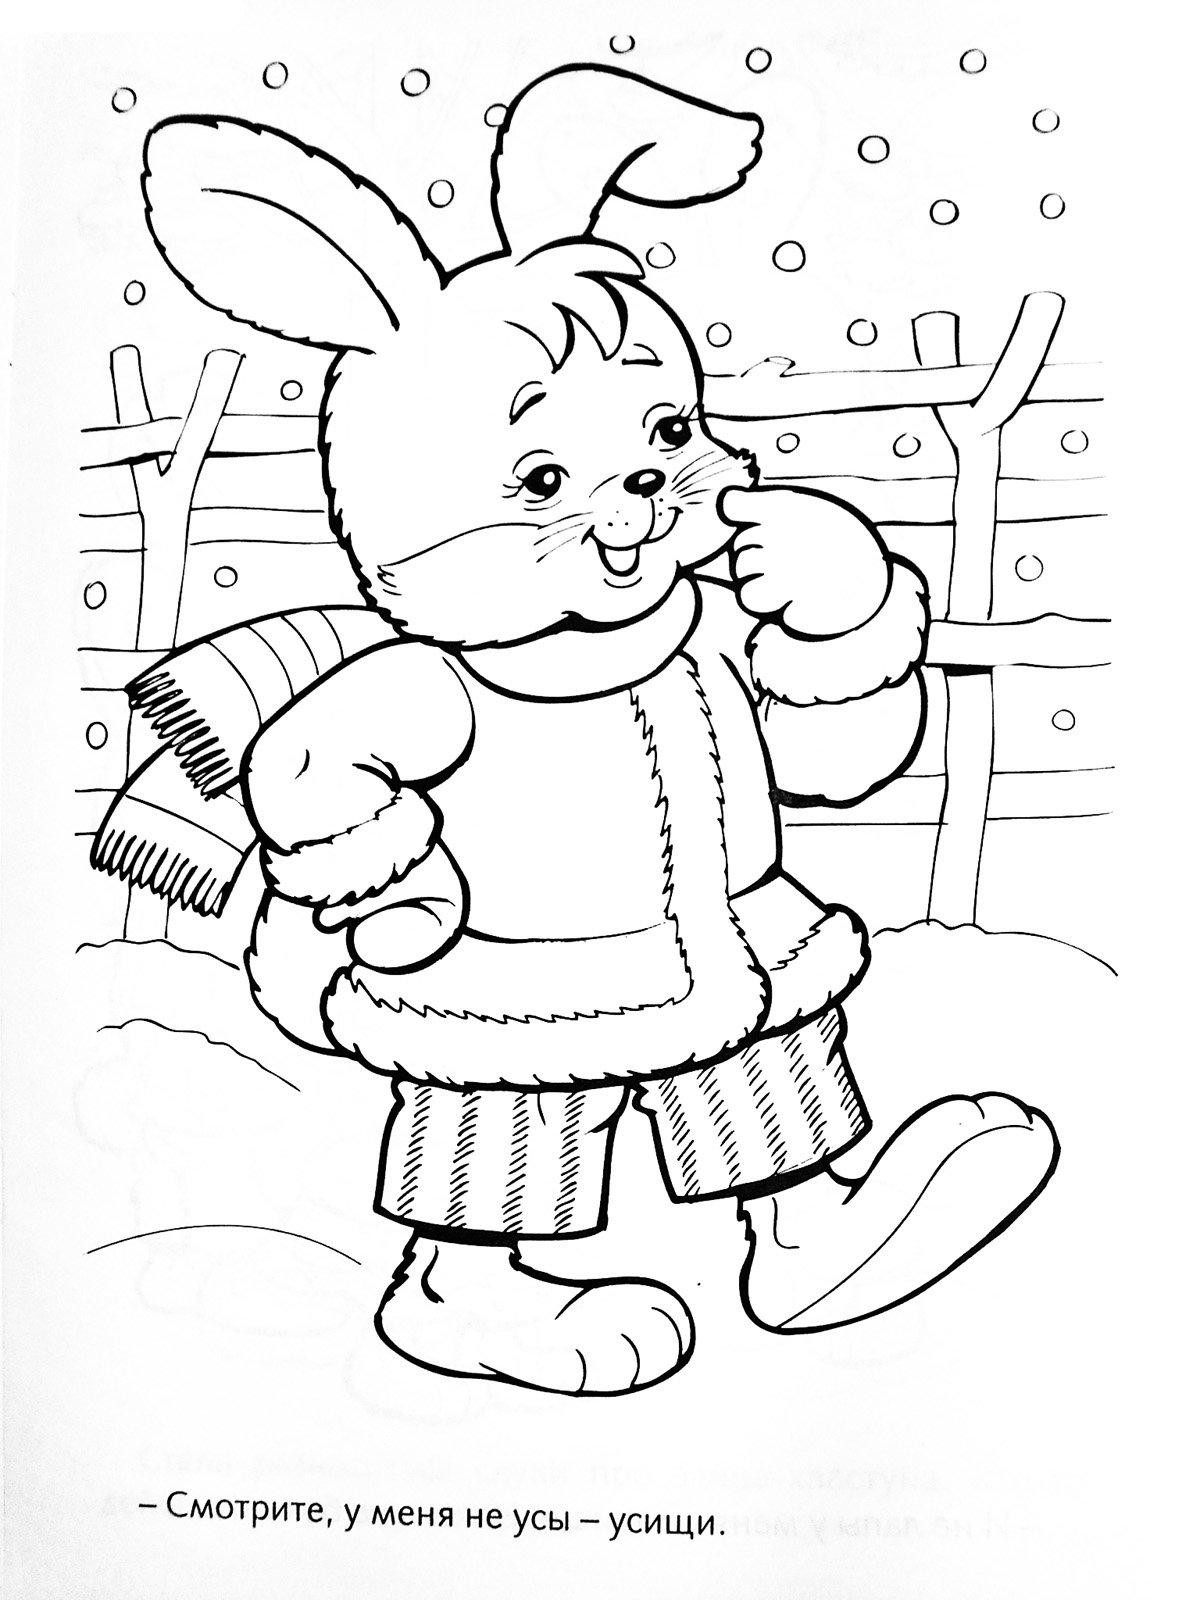 Картинка заяц для детей из сказки раскраска